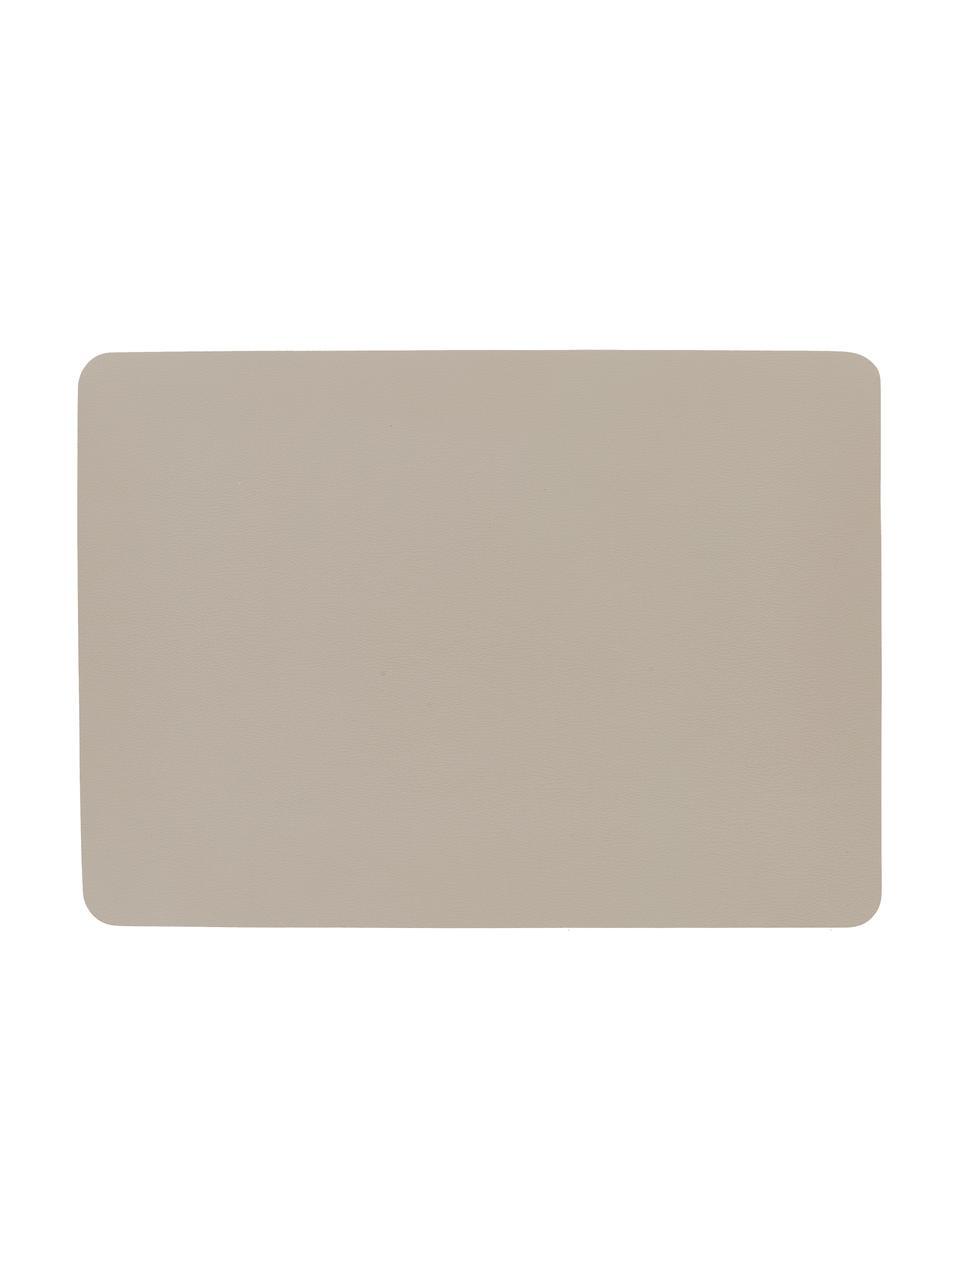 Kunstleder-Tischsets Pik, 2 Stück, Kunstleder (PVC), Beige, 33 x 46 cm